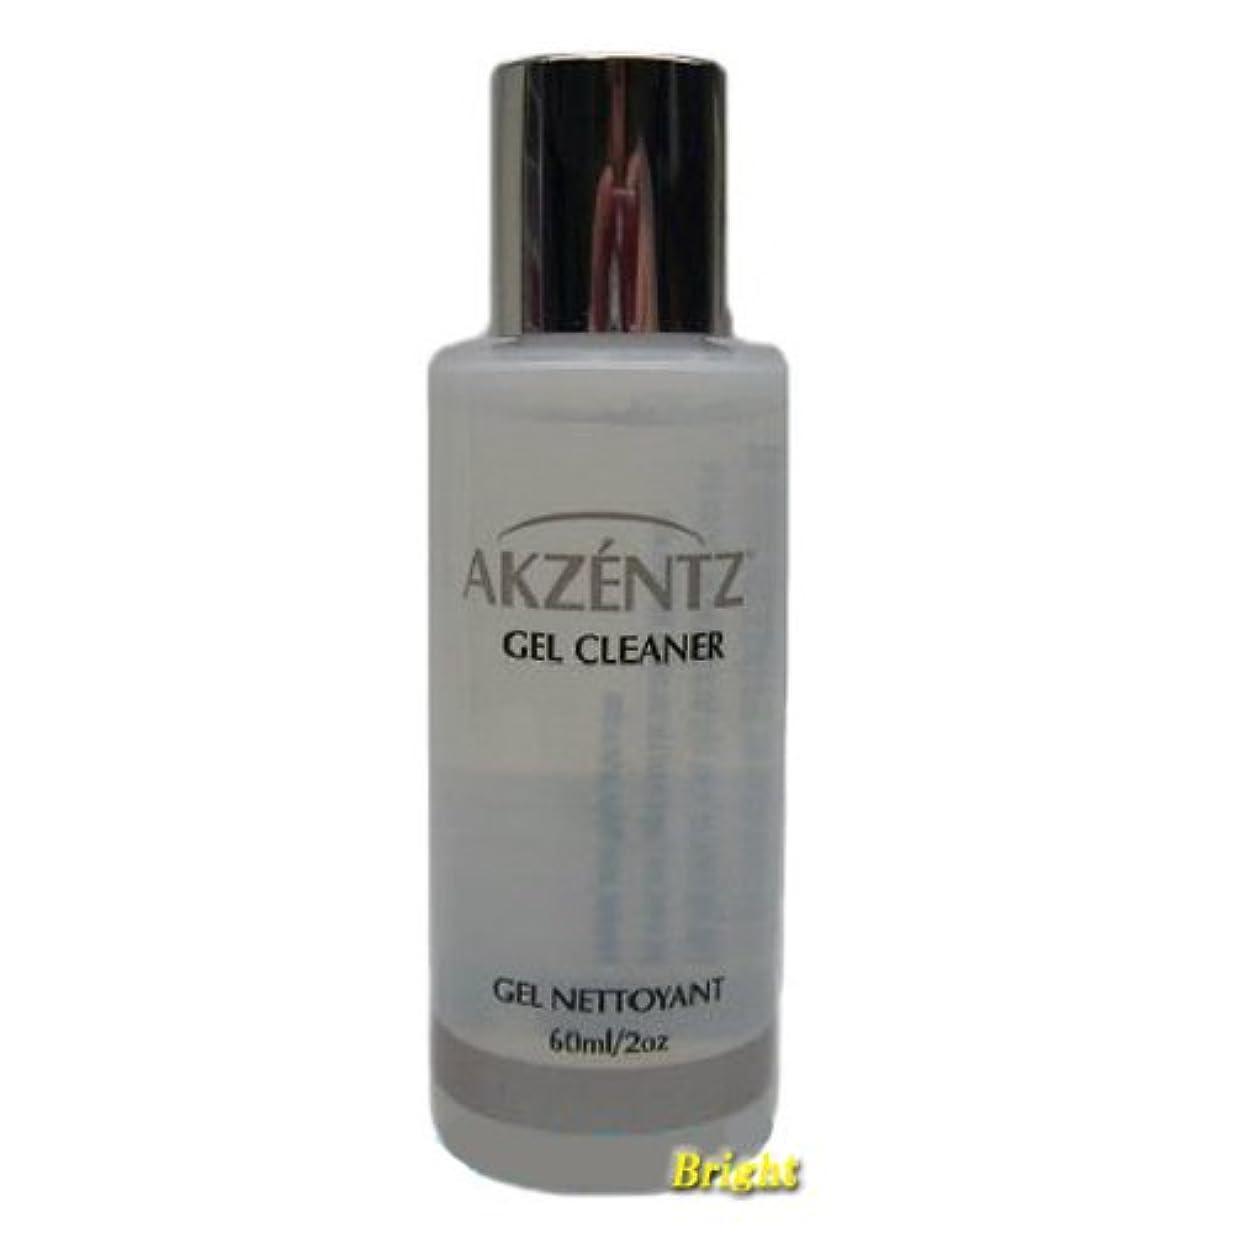 観客削る吐き出すアクセンツ ジェルクリーナー 60ml 未硬化ジェル拭き取り液 AKZENTZ ジェルネイル